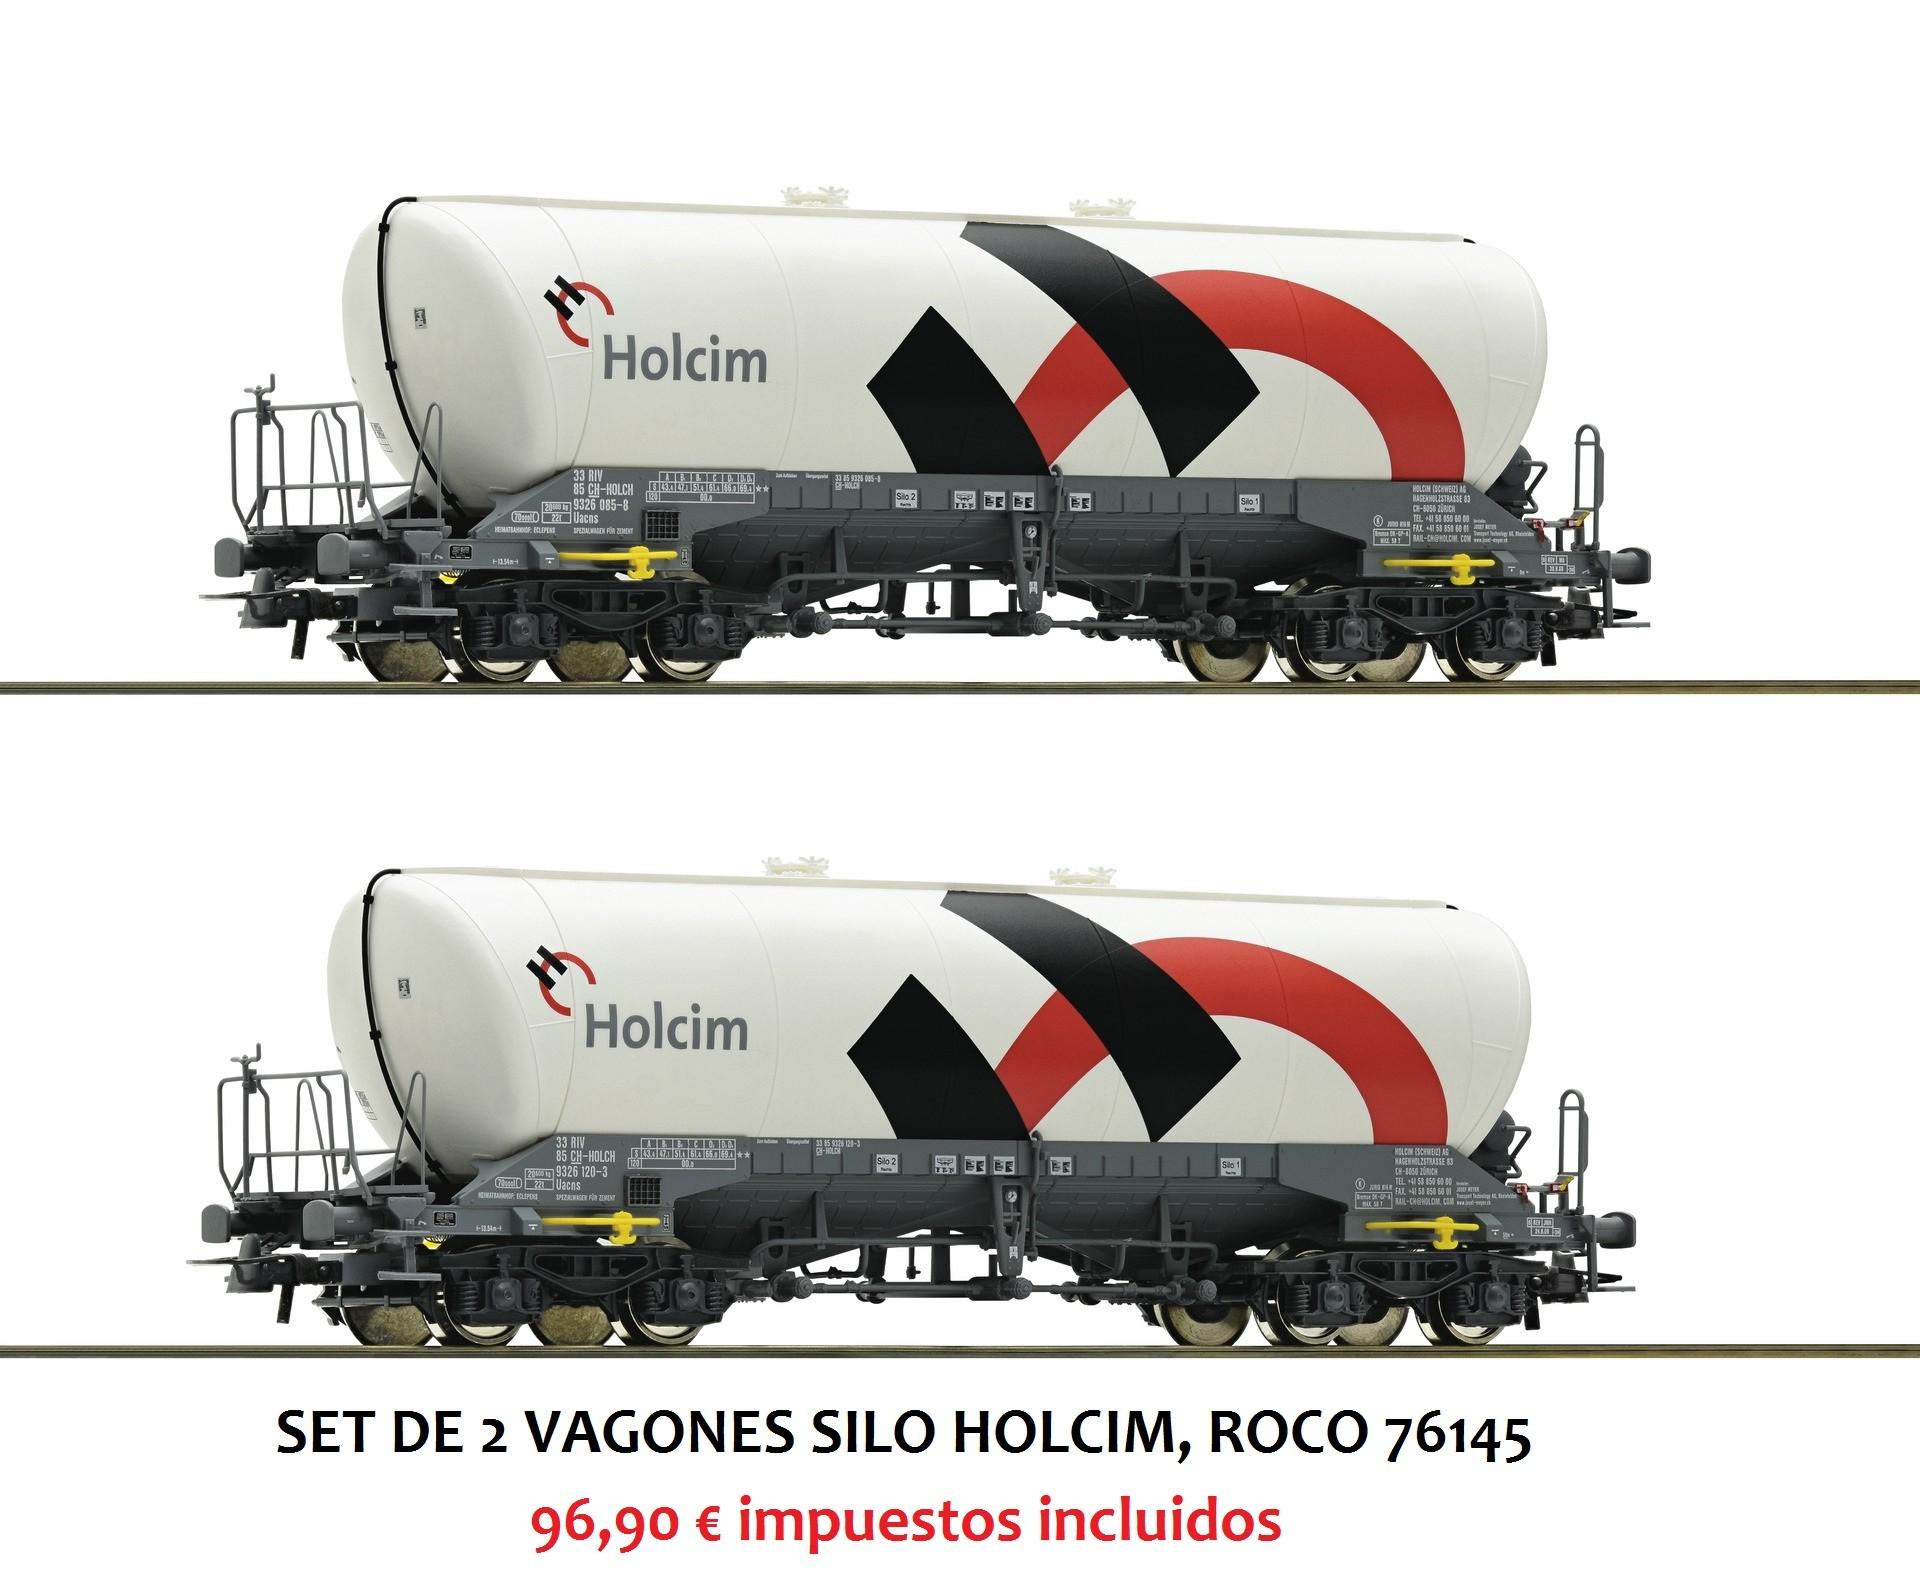 SET DE 2 VAGONES SILO HOLCIM, ROCO 76145